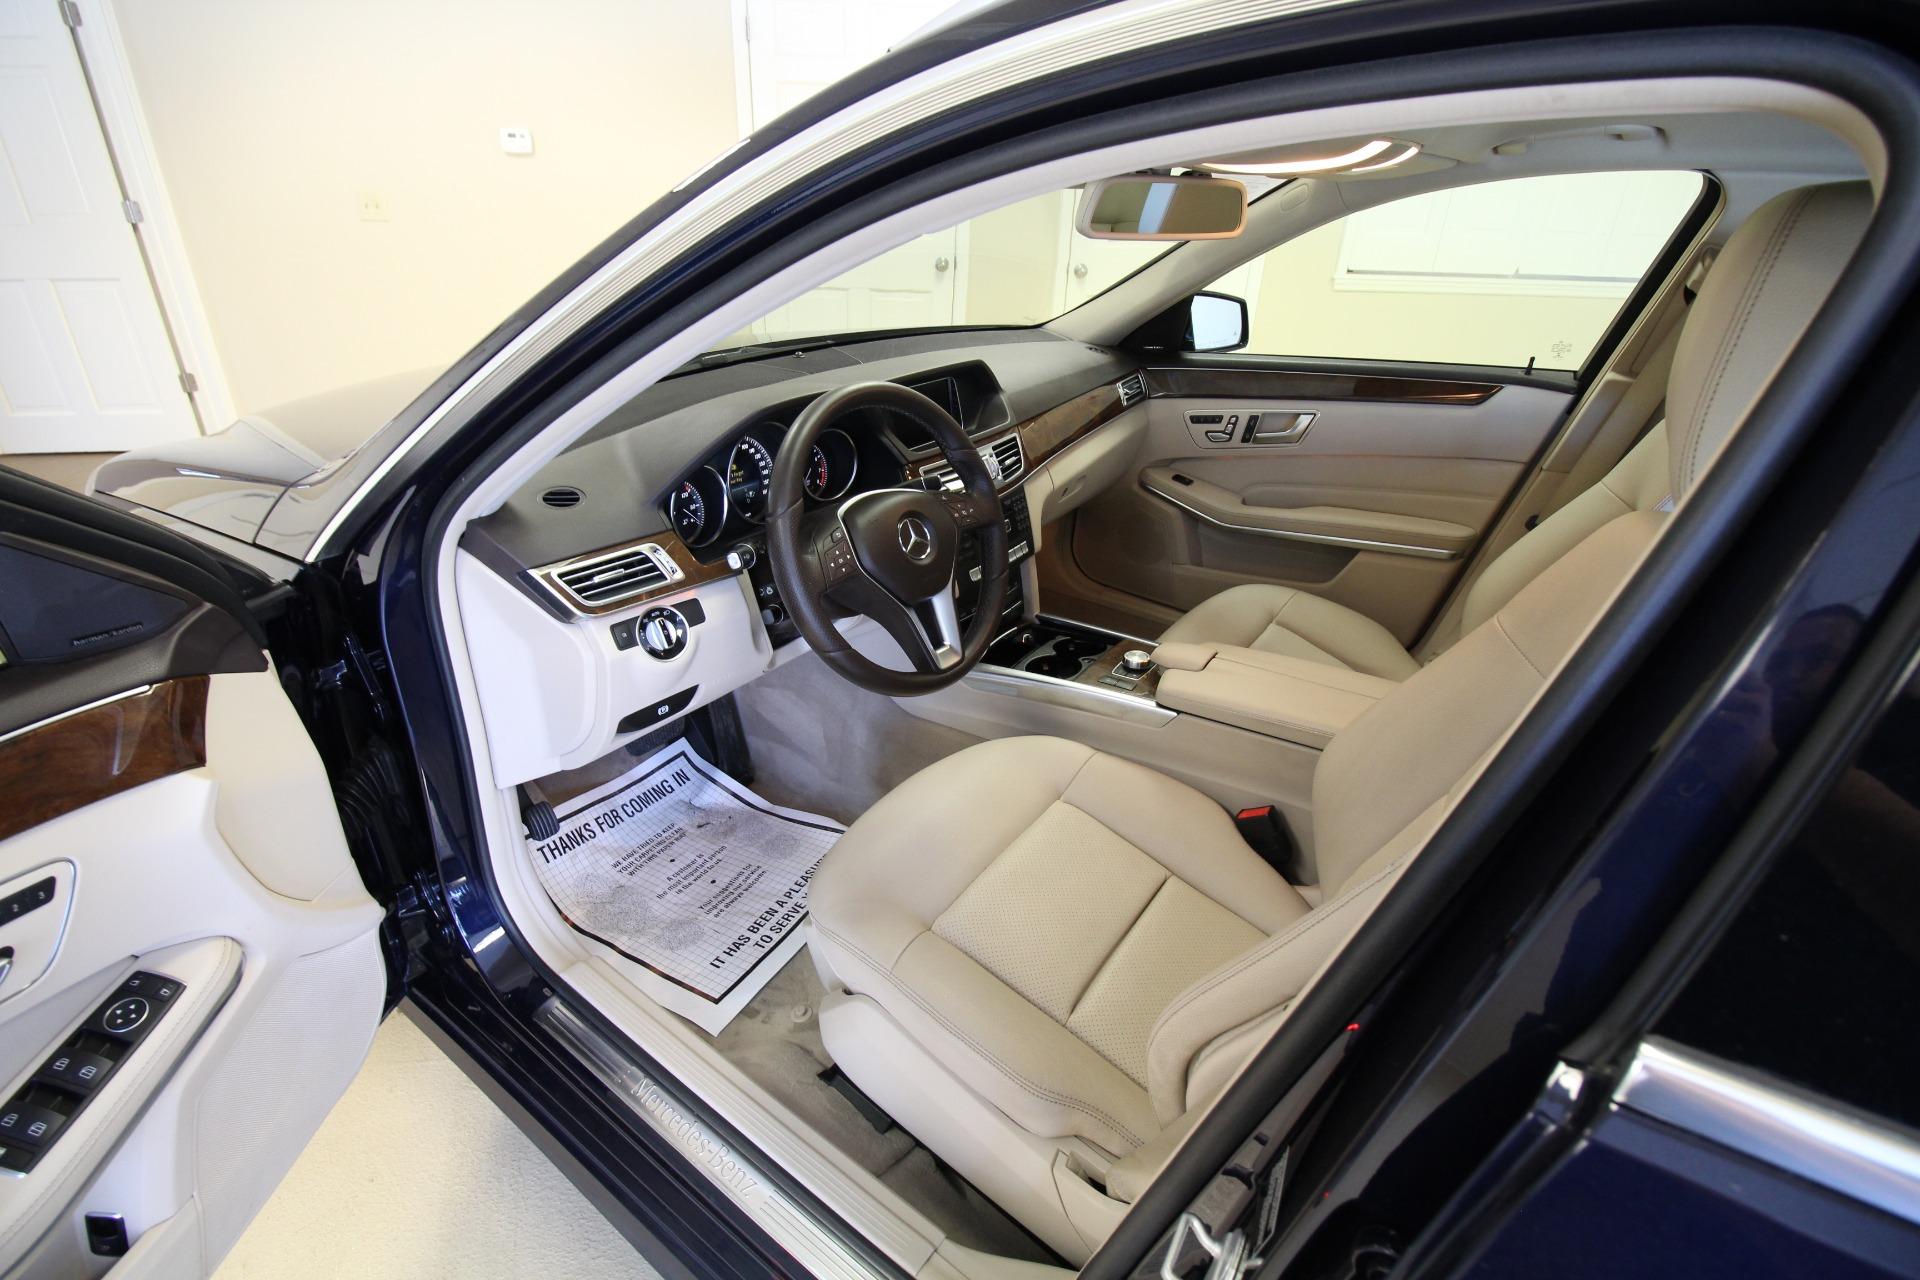 Used 2014 Mercedes-Benz E-Class Wagon E350 4MATIC WAGON RARE FULLY SERVICED NEW BRAKES | Albany, NY